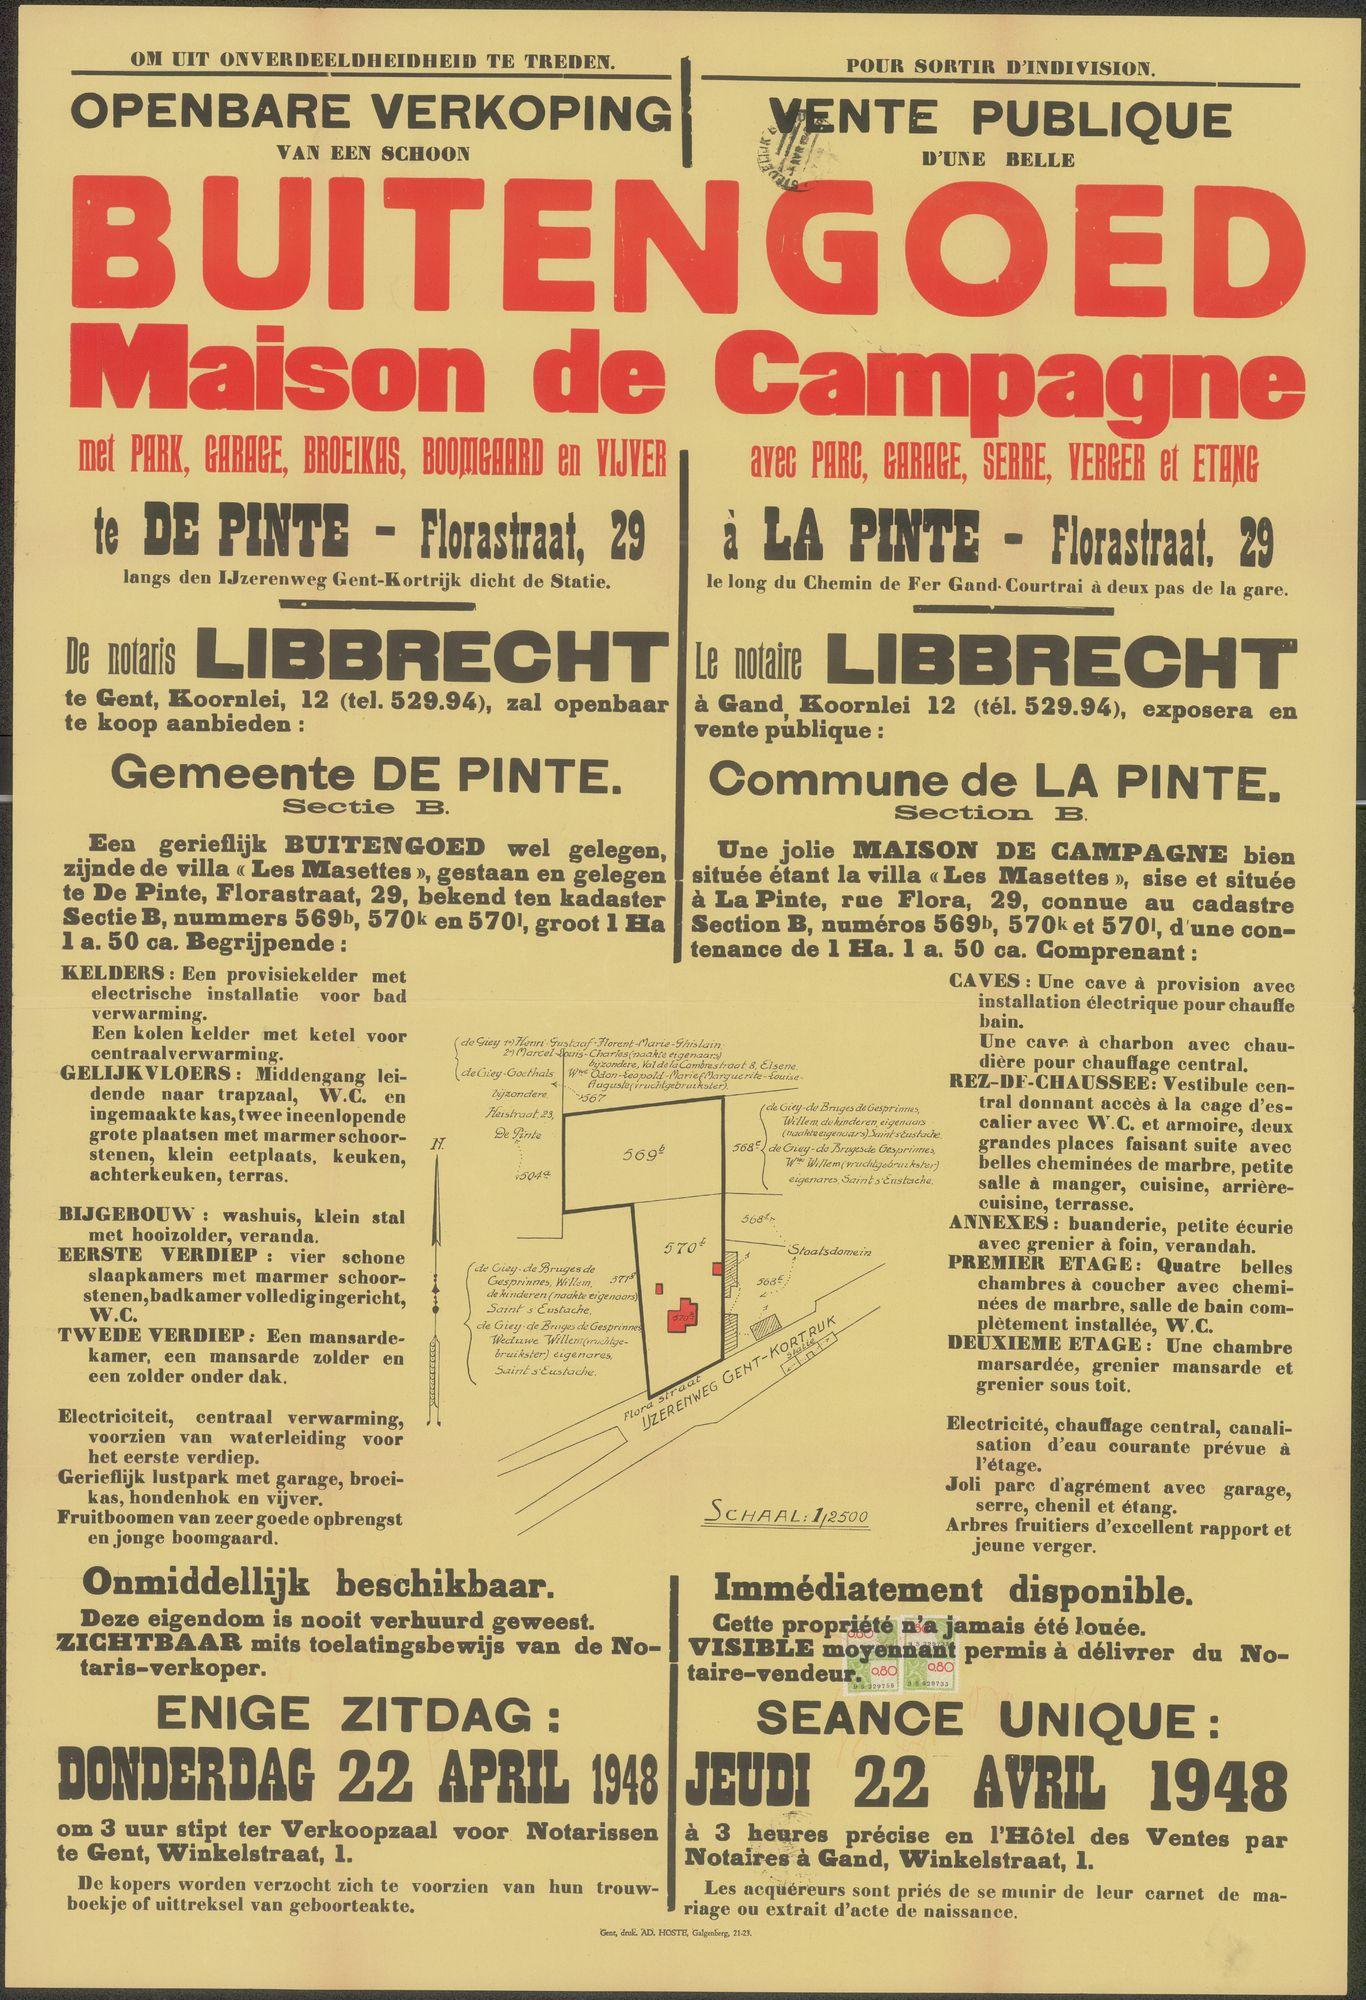 Openbare verkoop van een schoon Buitengoed met park, garage, broeikas, boomgaard en vijver te De Pinte - Florastraat, nr. 29 langs den IJzerenweg Gent-Kortrijk dichtbij het station, Gent, 22 april 1948